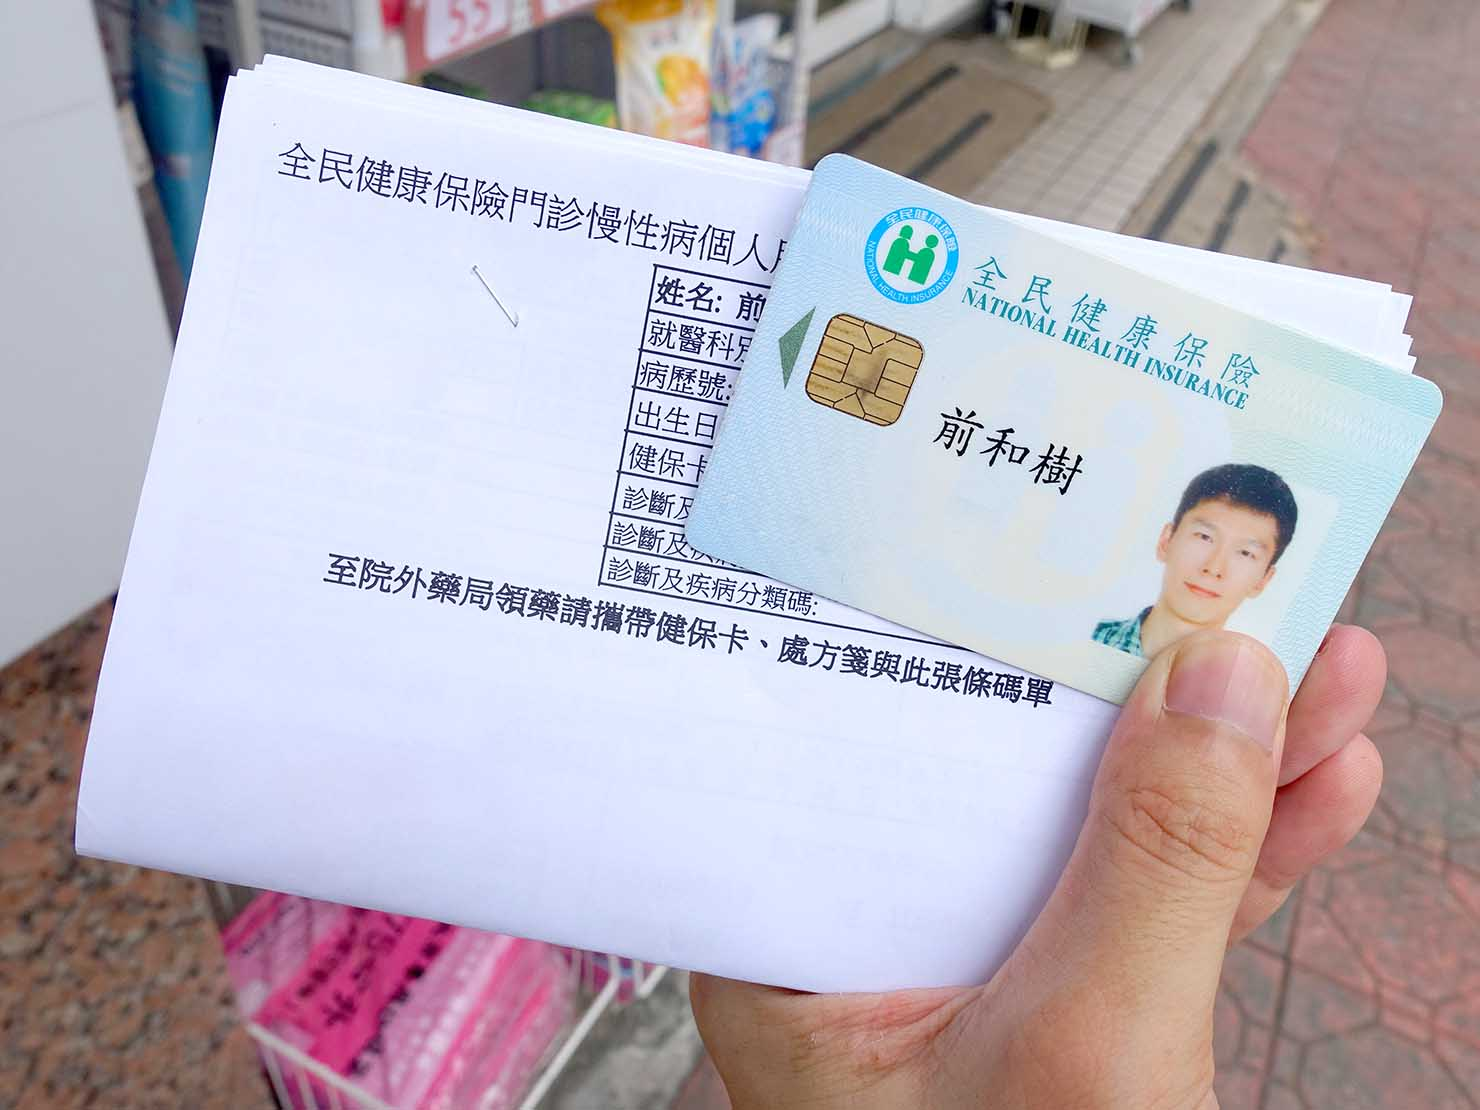 台湾の病院で処方される「慢性處方箋」と、台湾の健康保険カード「健保卡」